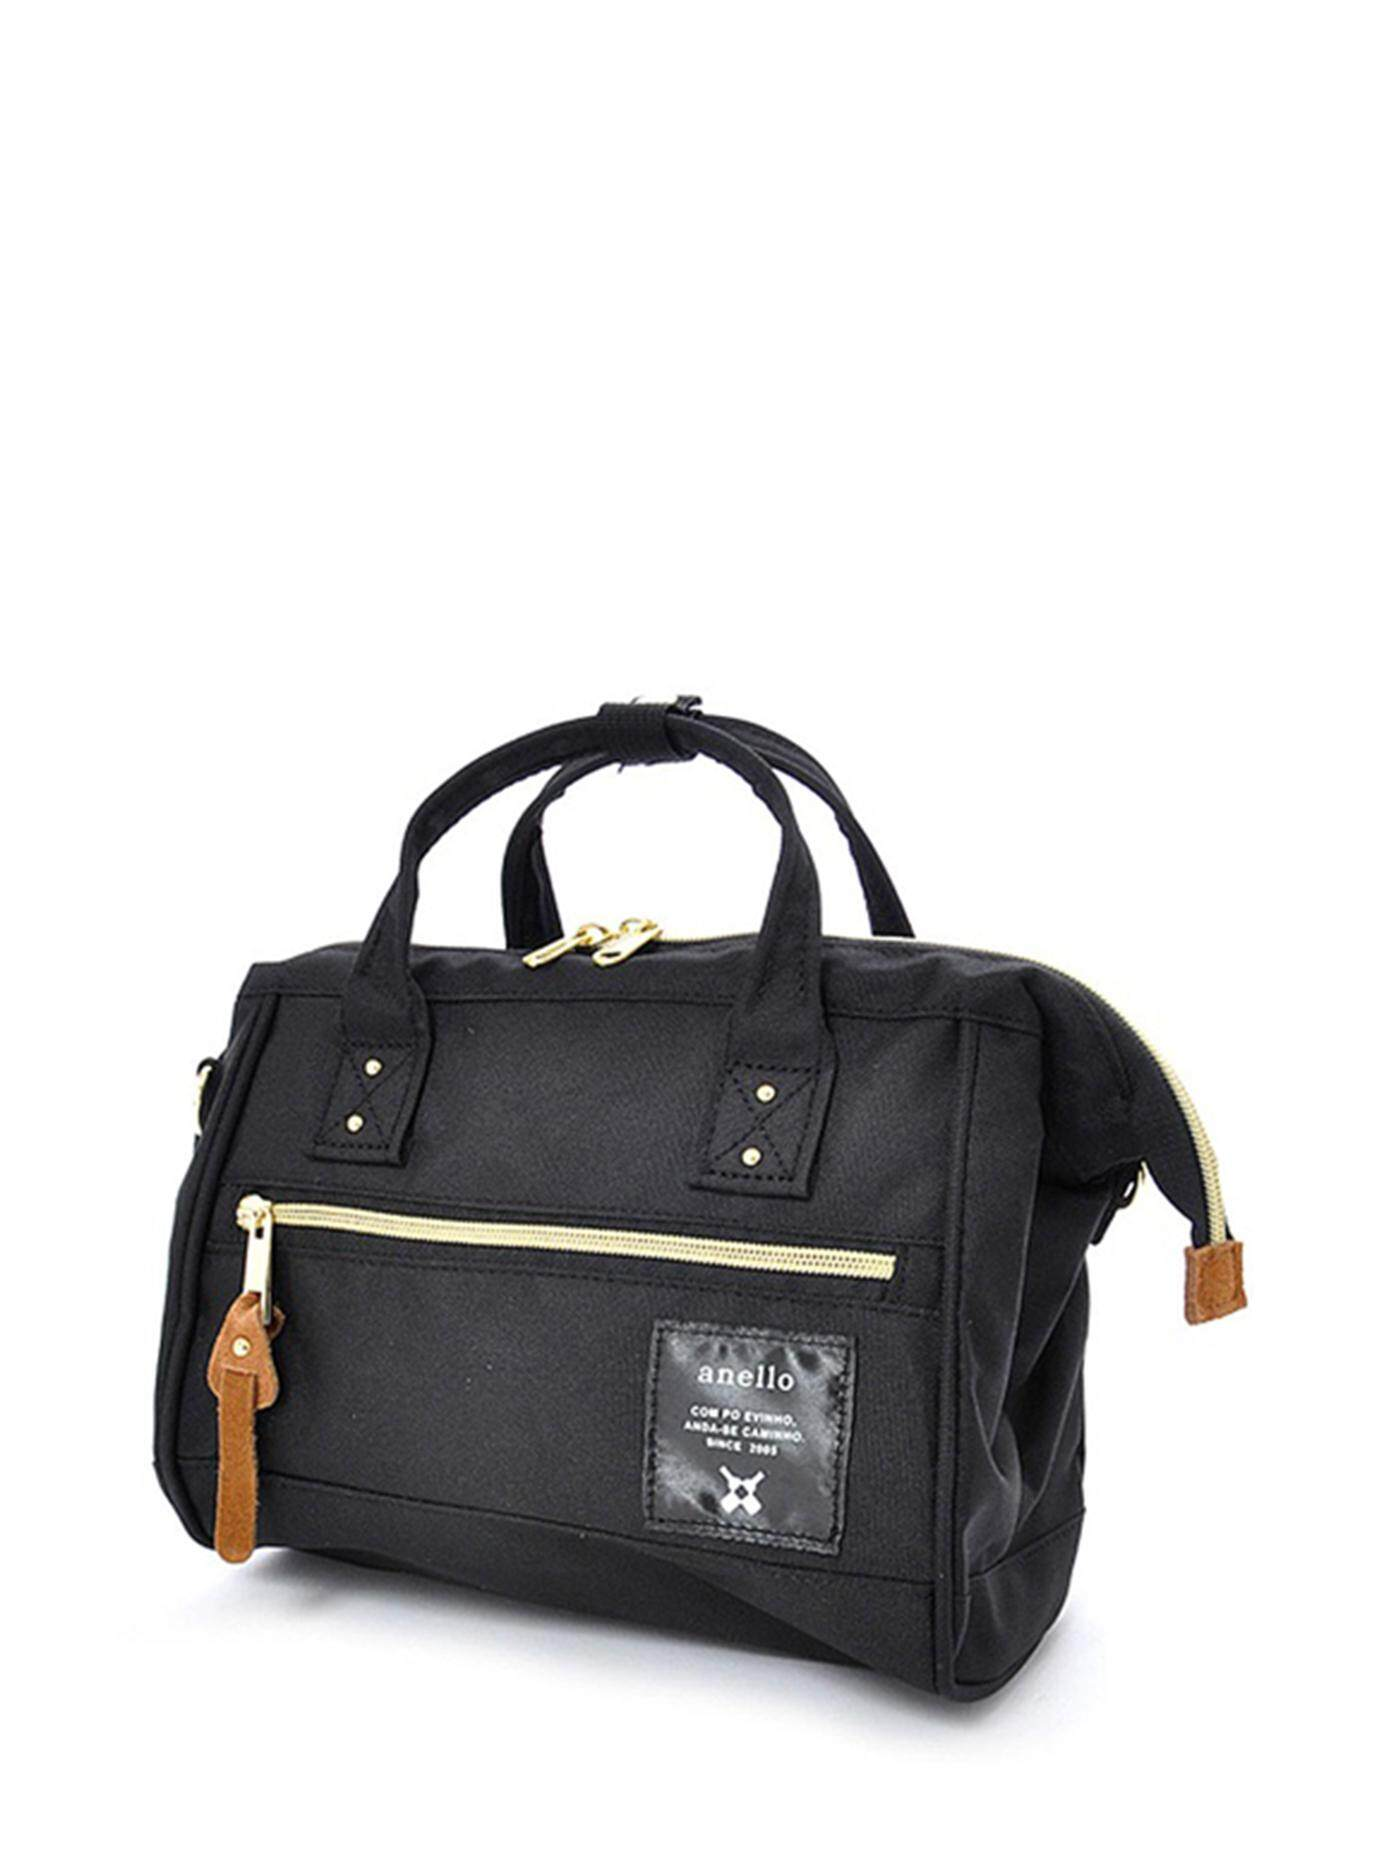 สิงห์บุรี ANELLO กระเป๋าสะพาย รุ่น AT-H0851 สีดำ